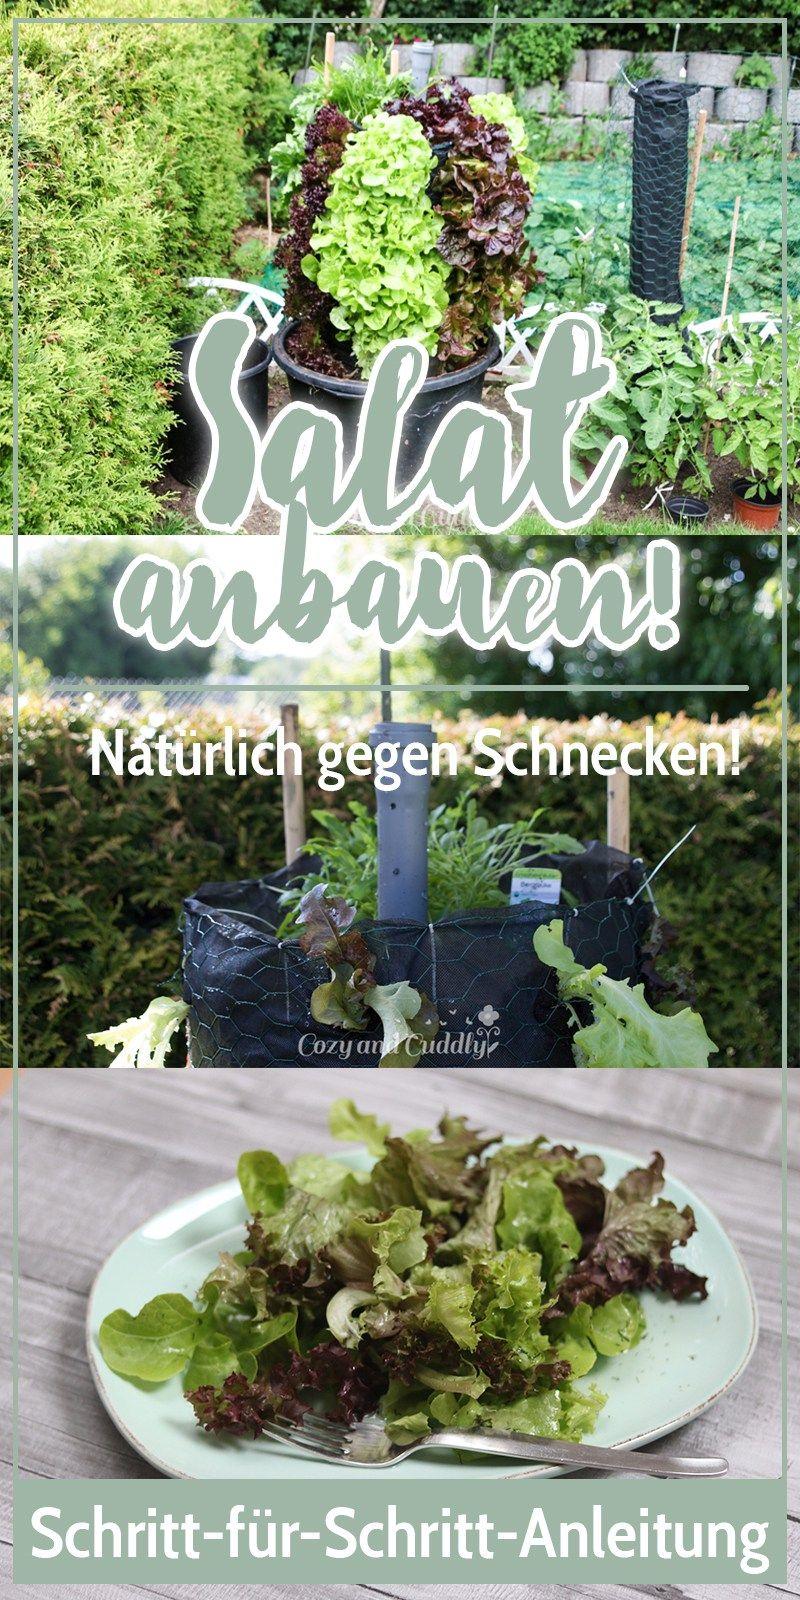 Unique Schnecken nat rlich bek mpfen Salat aus dem Garten im Salat Turm Anleitung